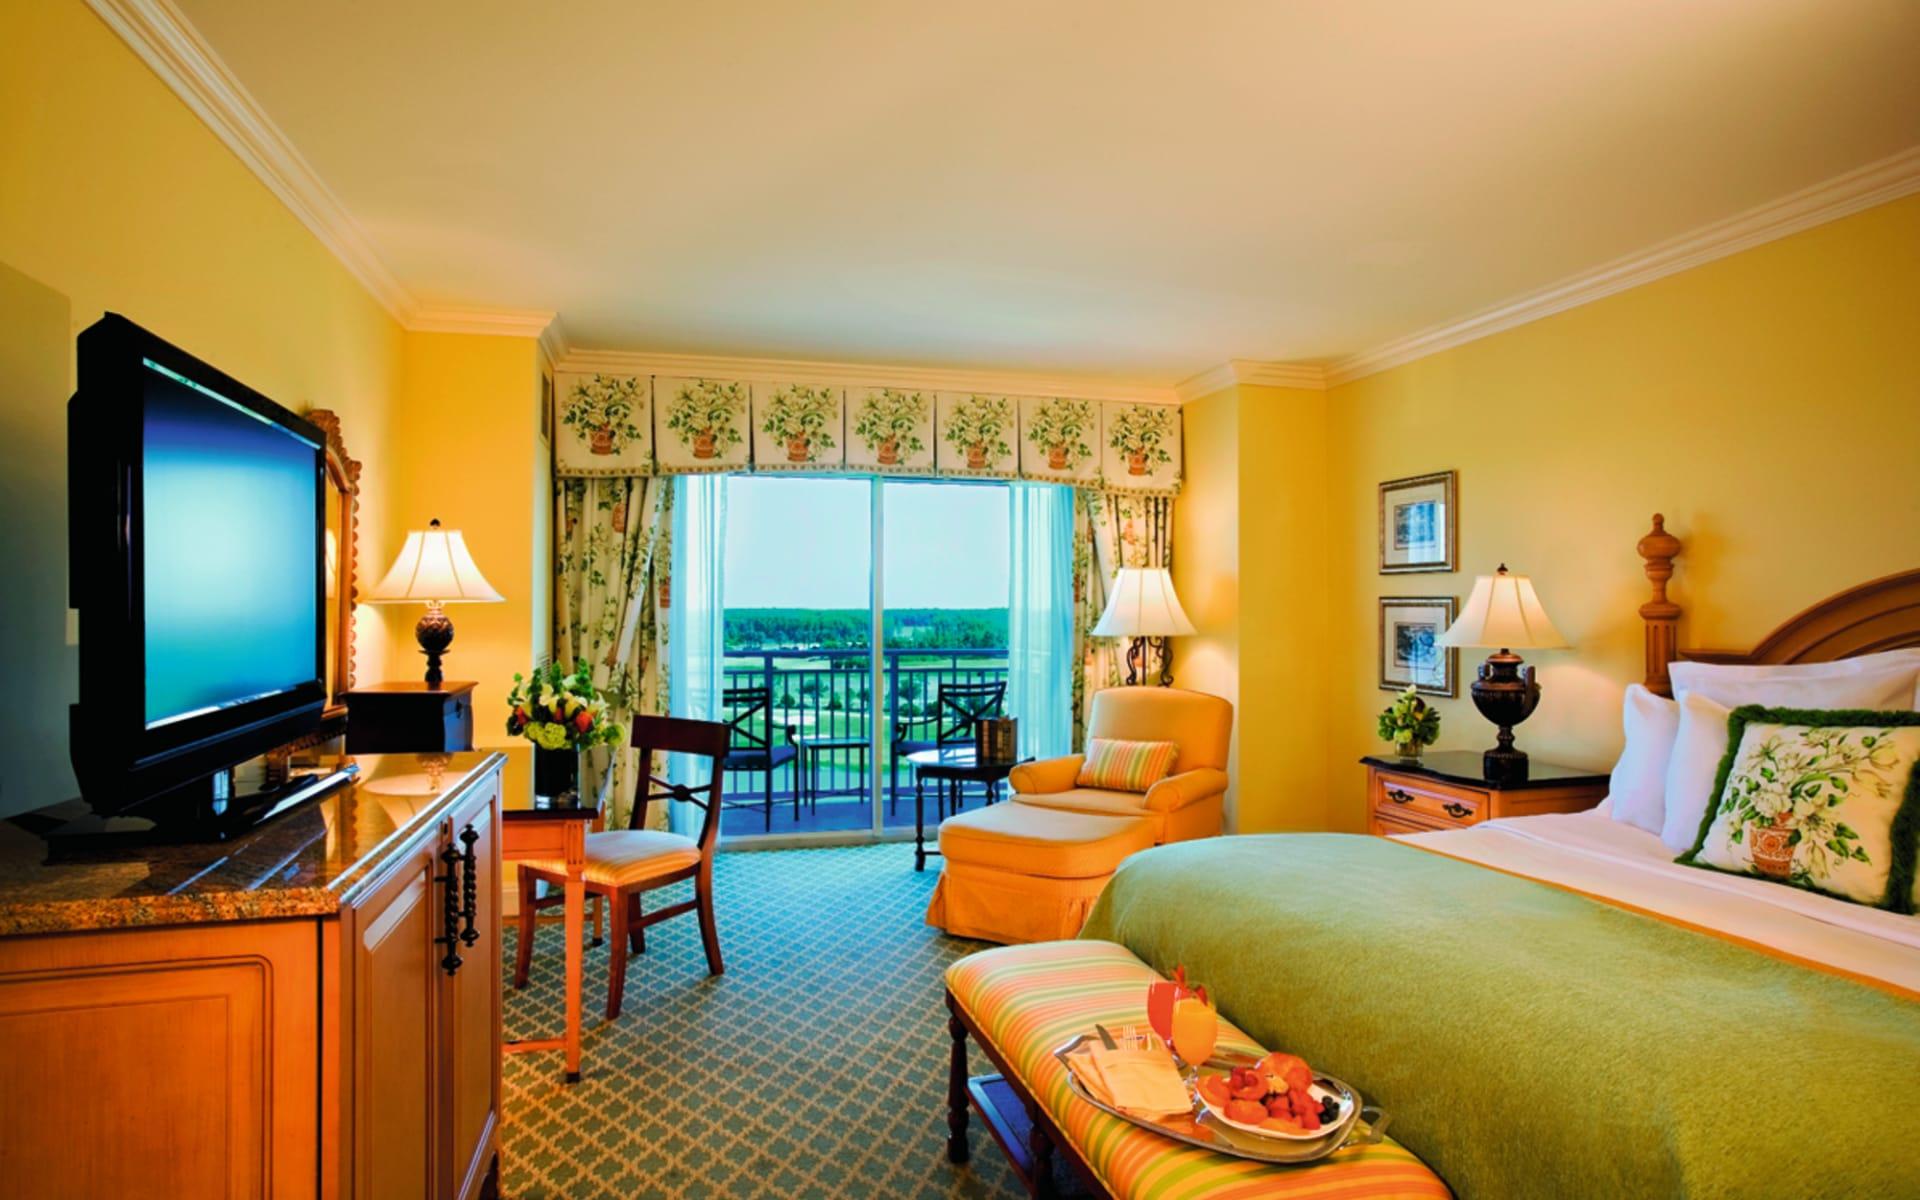 Ritz-Carlton Orlando Grande Lakes: zimmer ritz varlton orlando grande lakes doppelzimmer